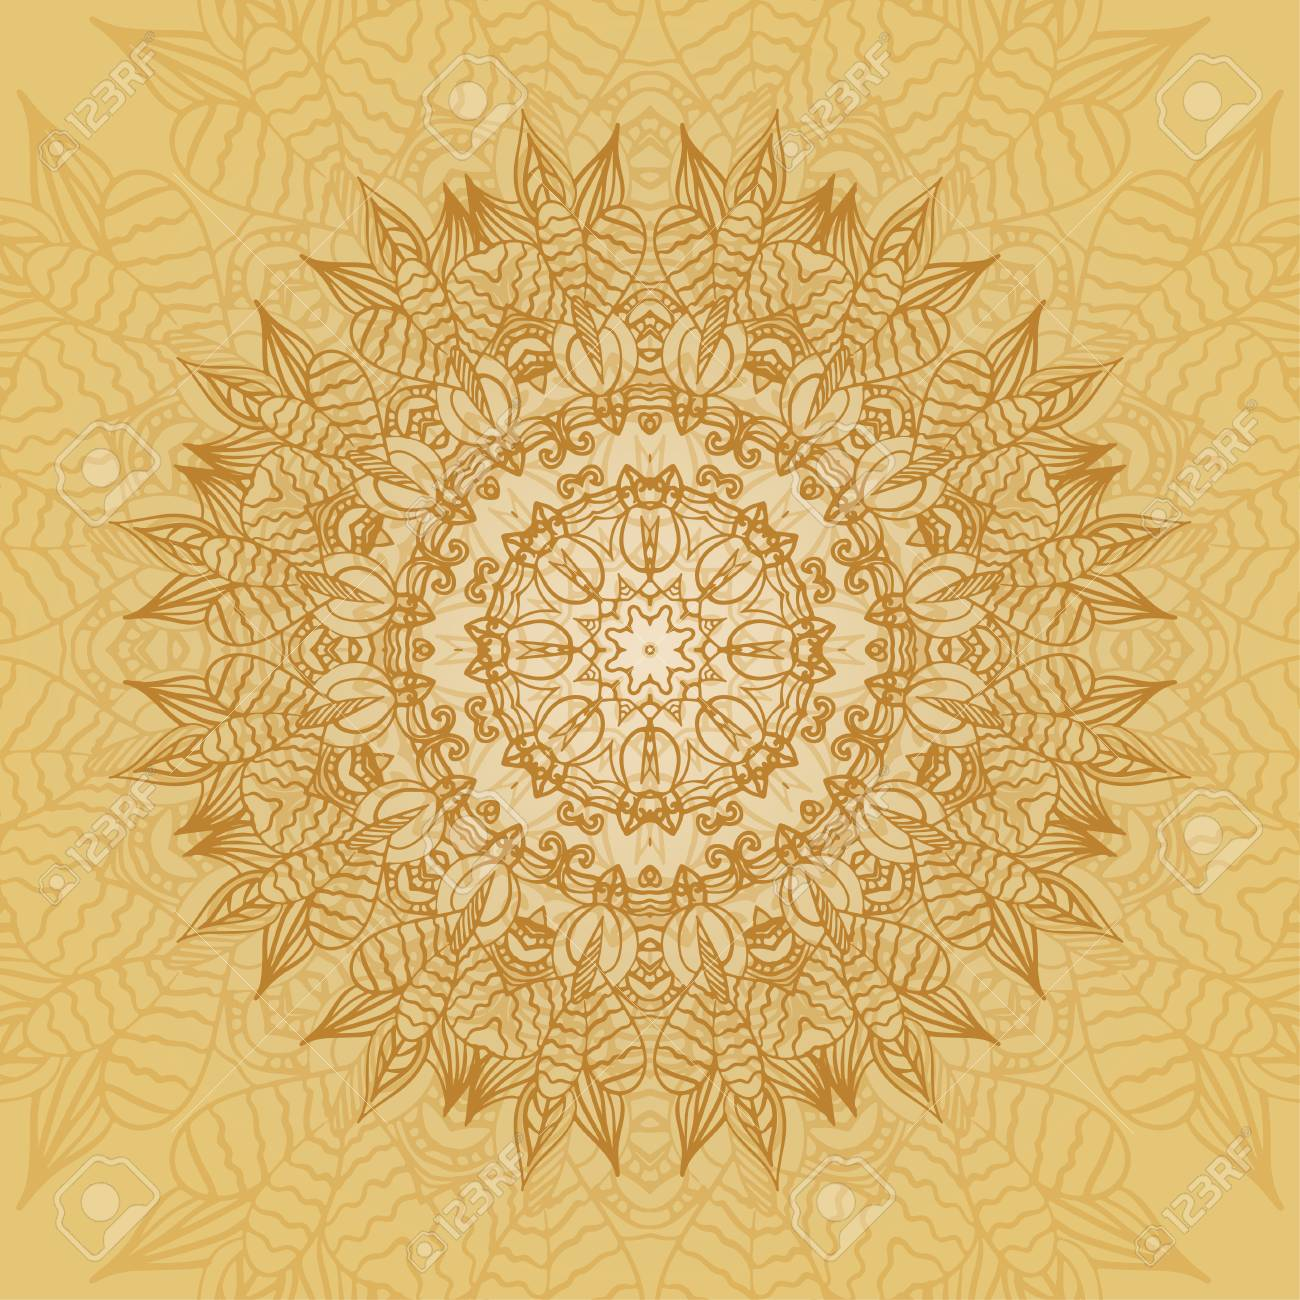 Mandala-Karte In Den Gelben Farben Für Hintergrund, Einladungen ...